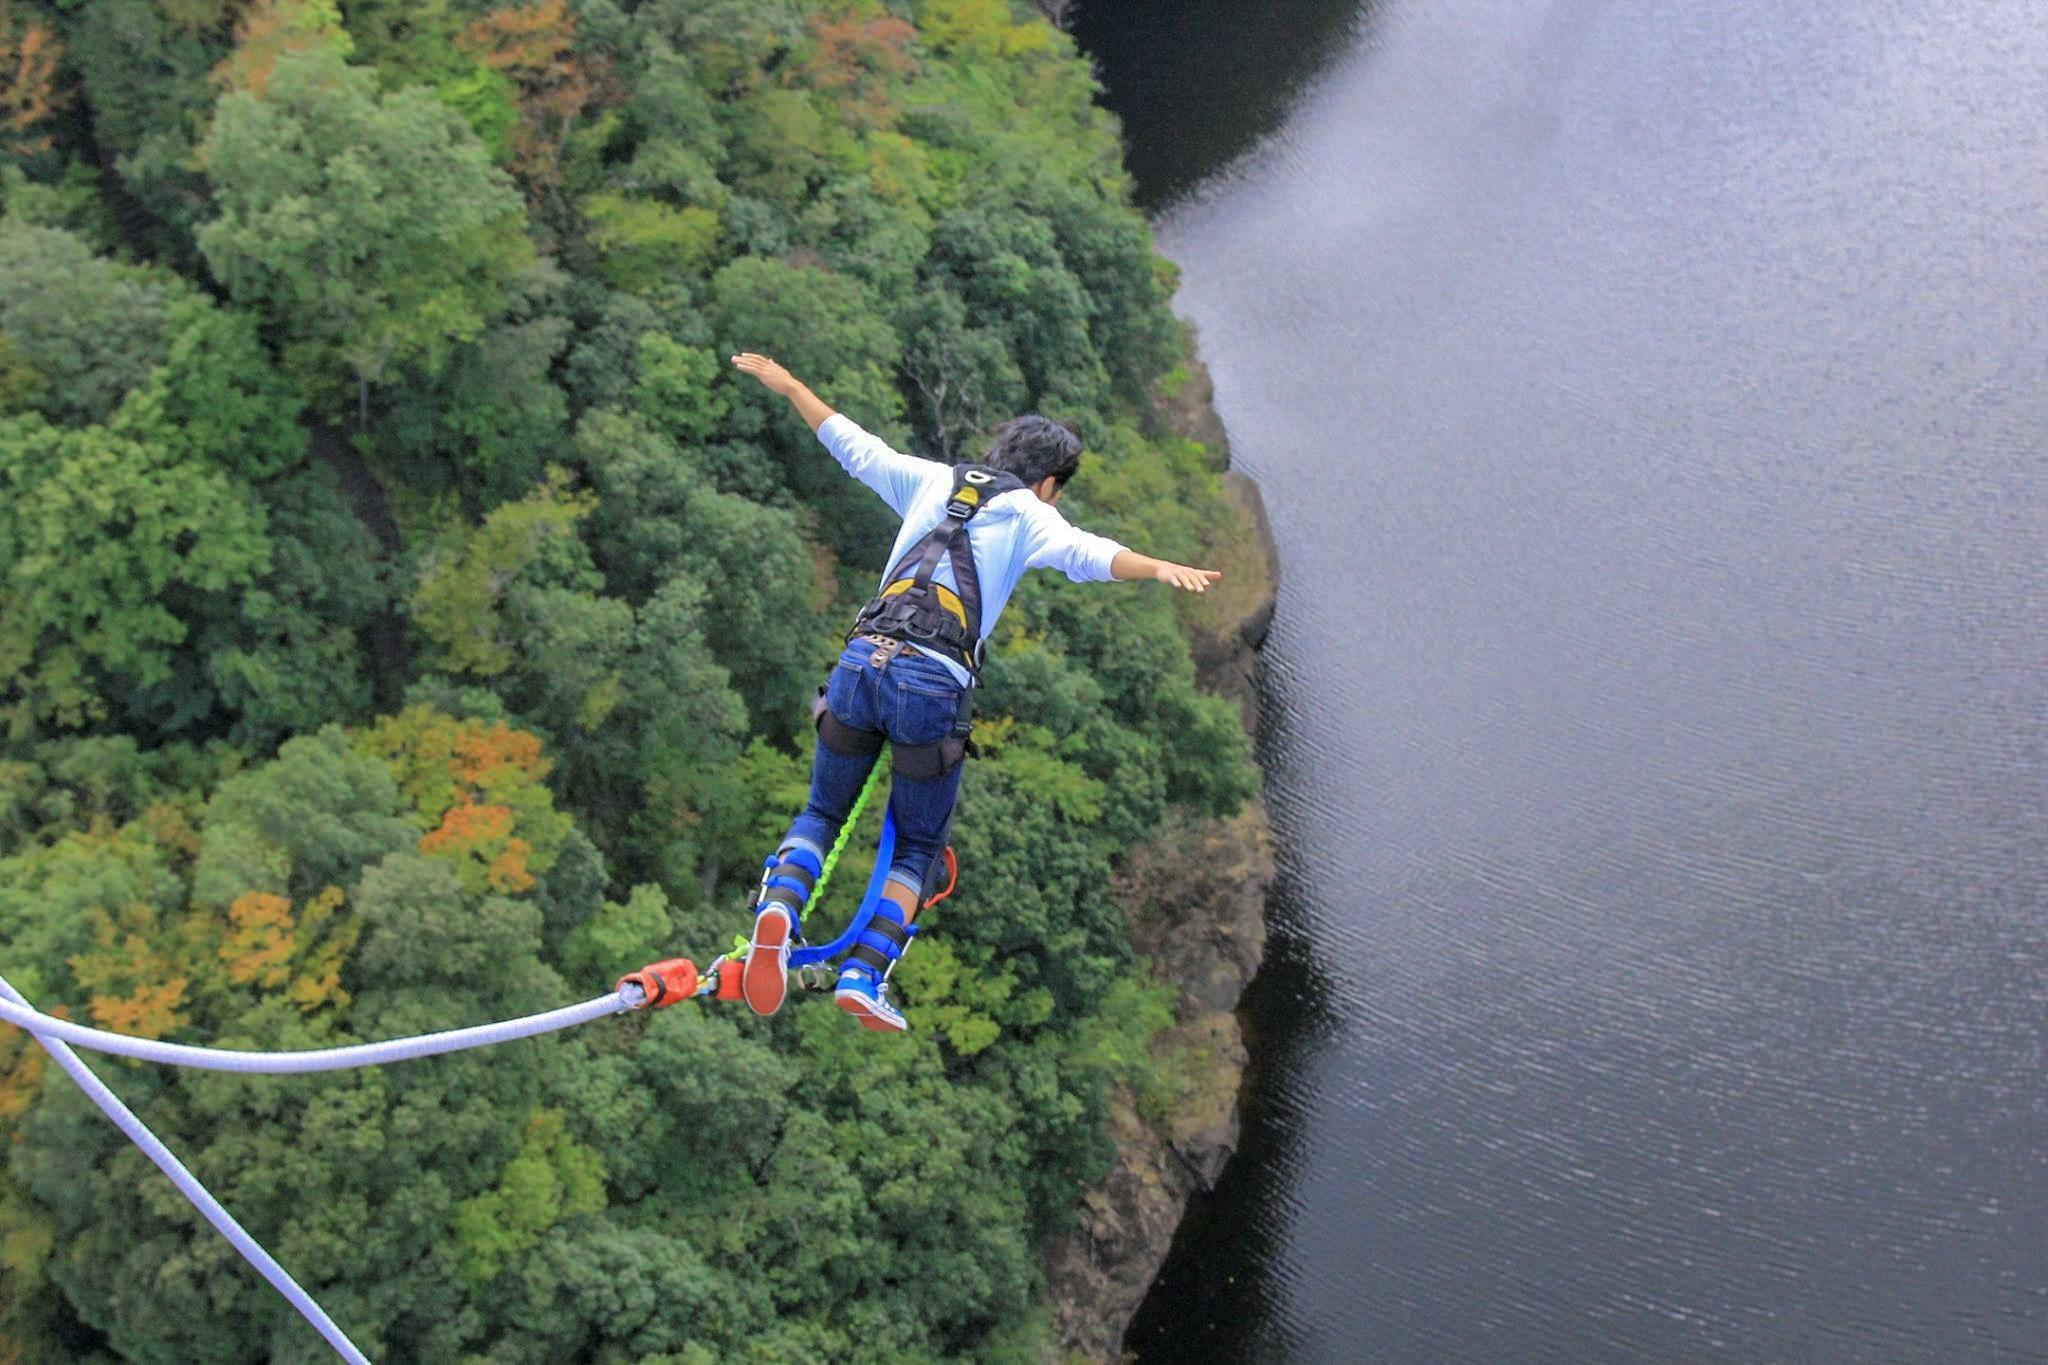 Hasil gambar untuk bungee jump